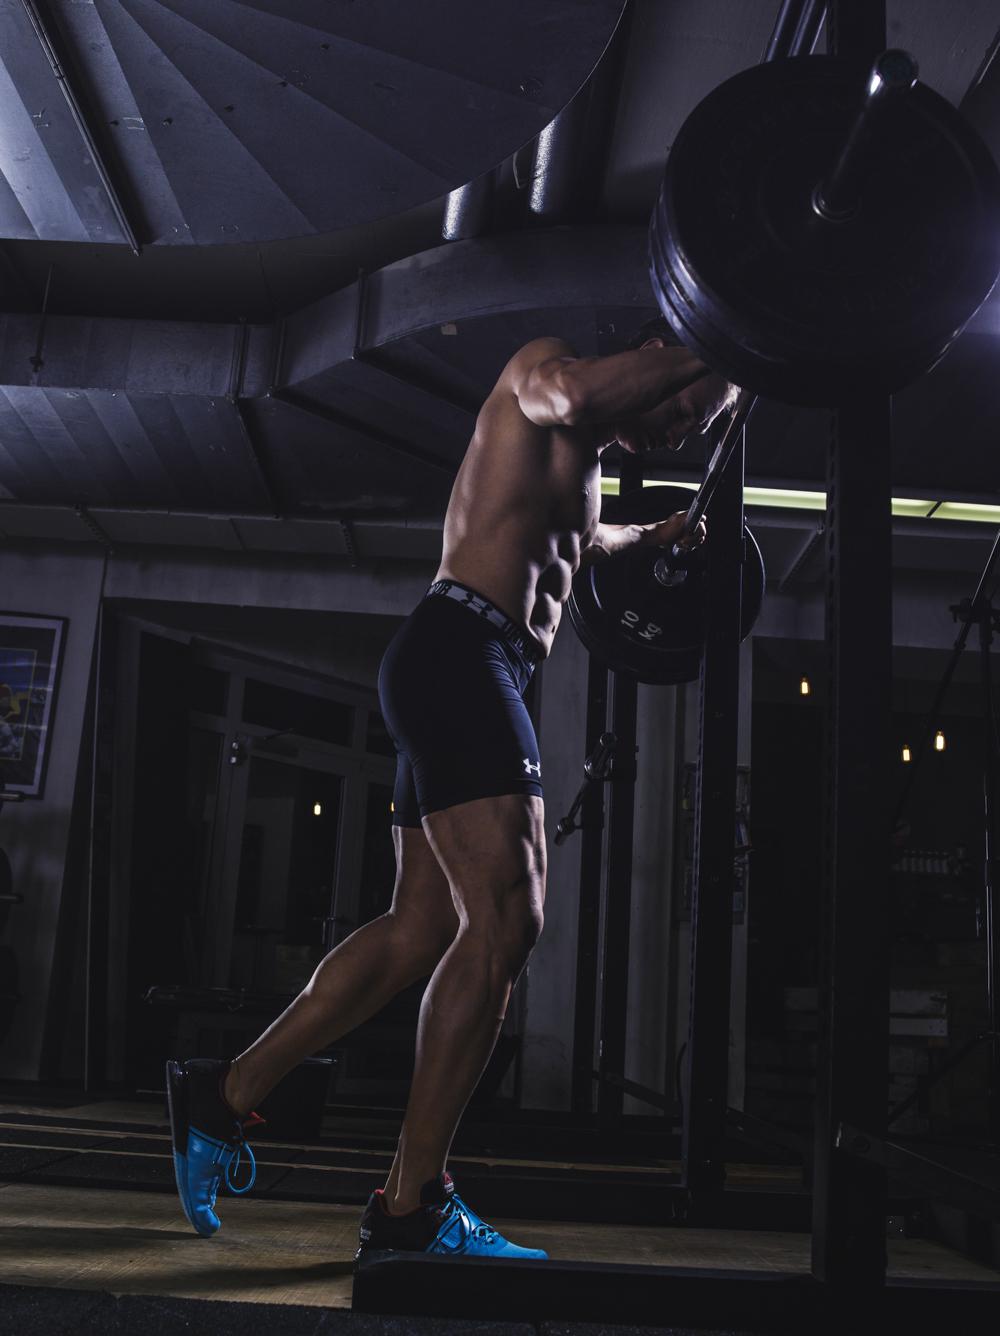 Bring die Leistung im Training, auch im nächsten Training